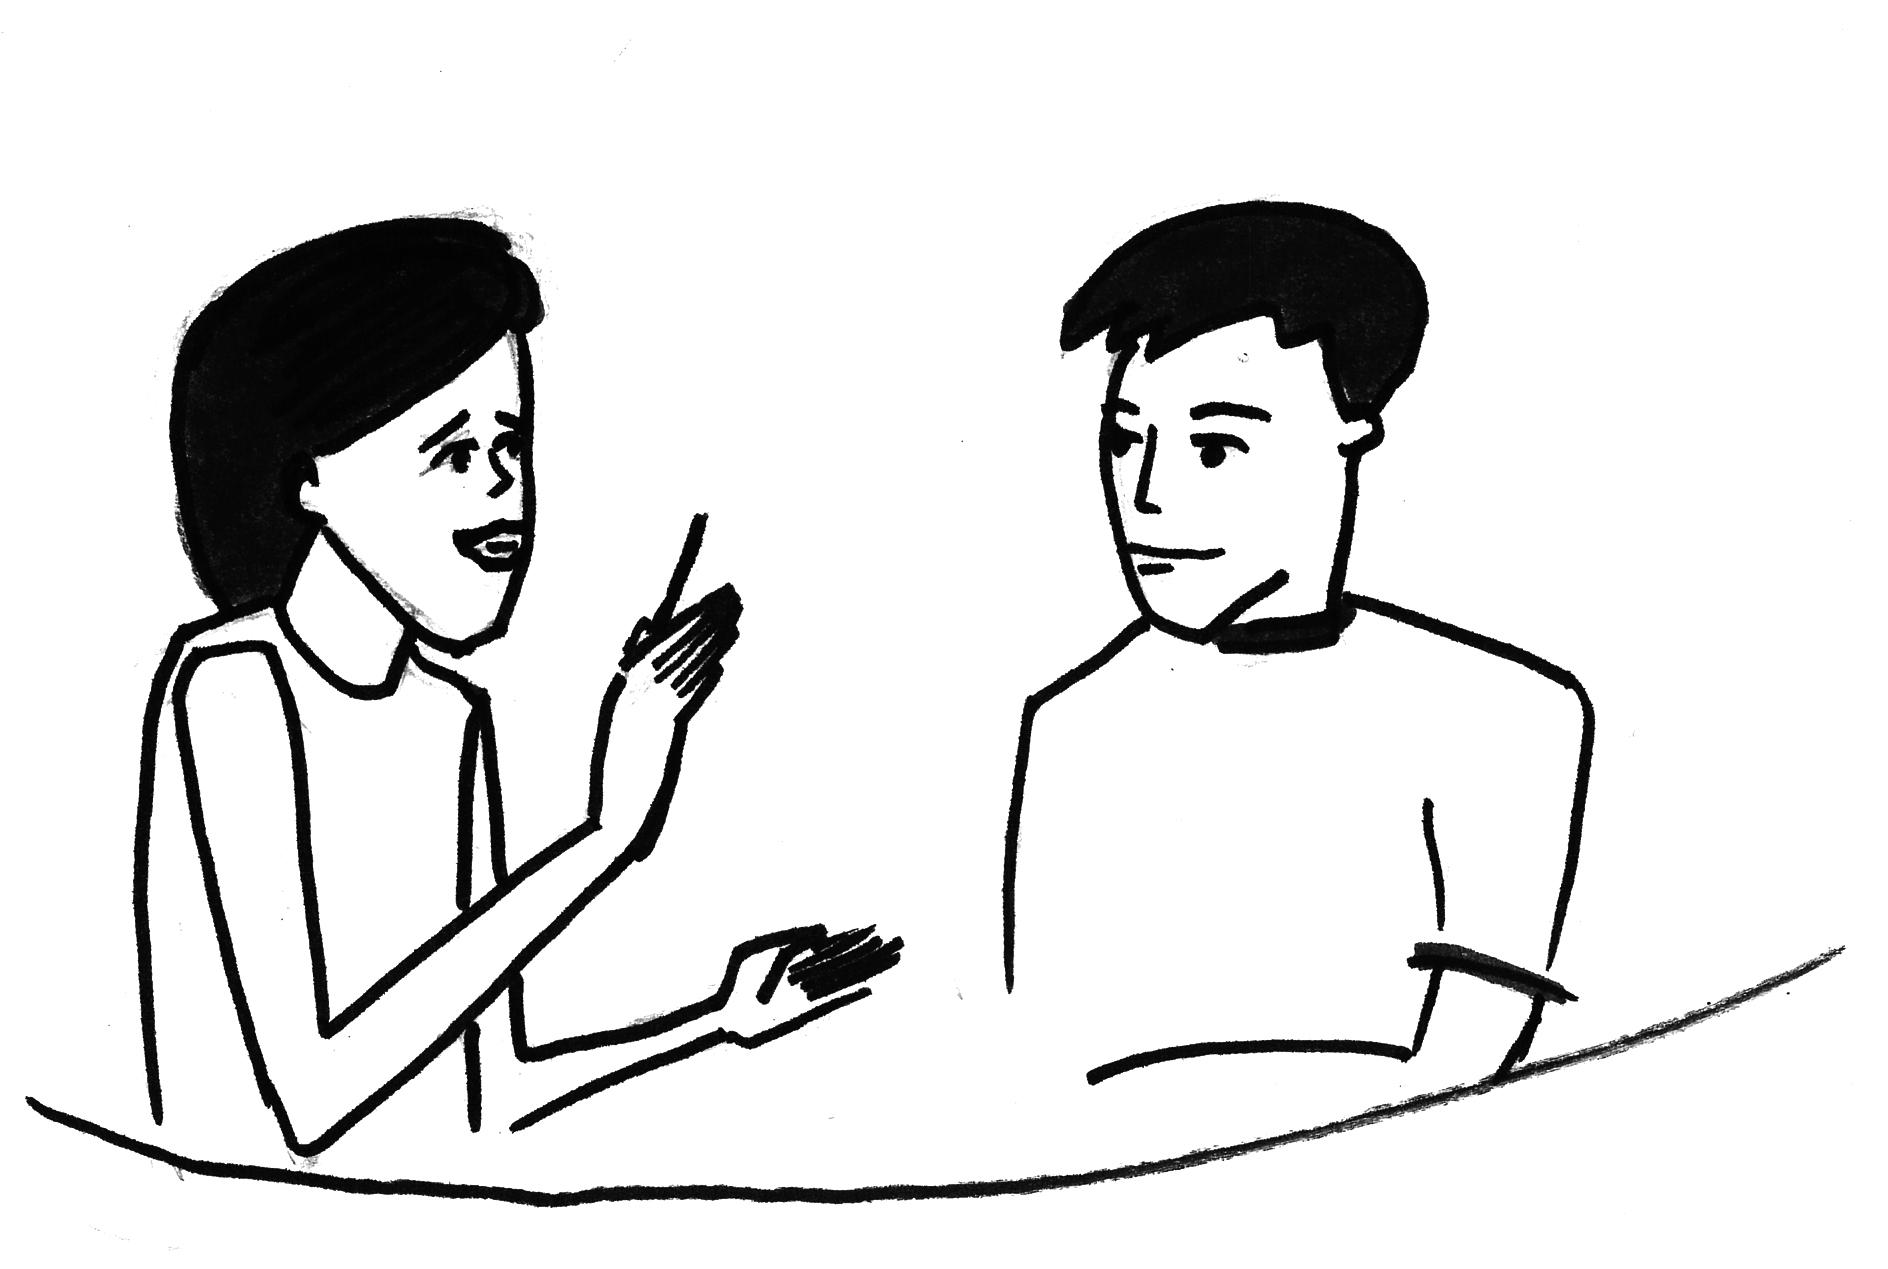 Zece Mijloace De Suspendare A Unei Comunic Ri Prin